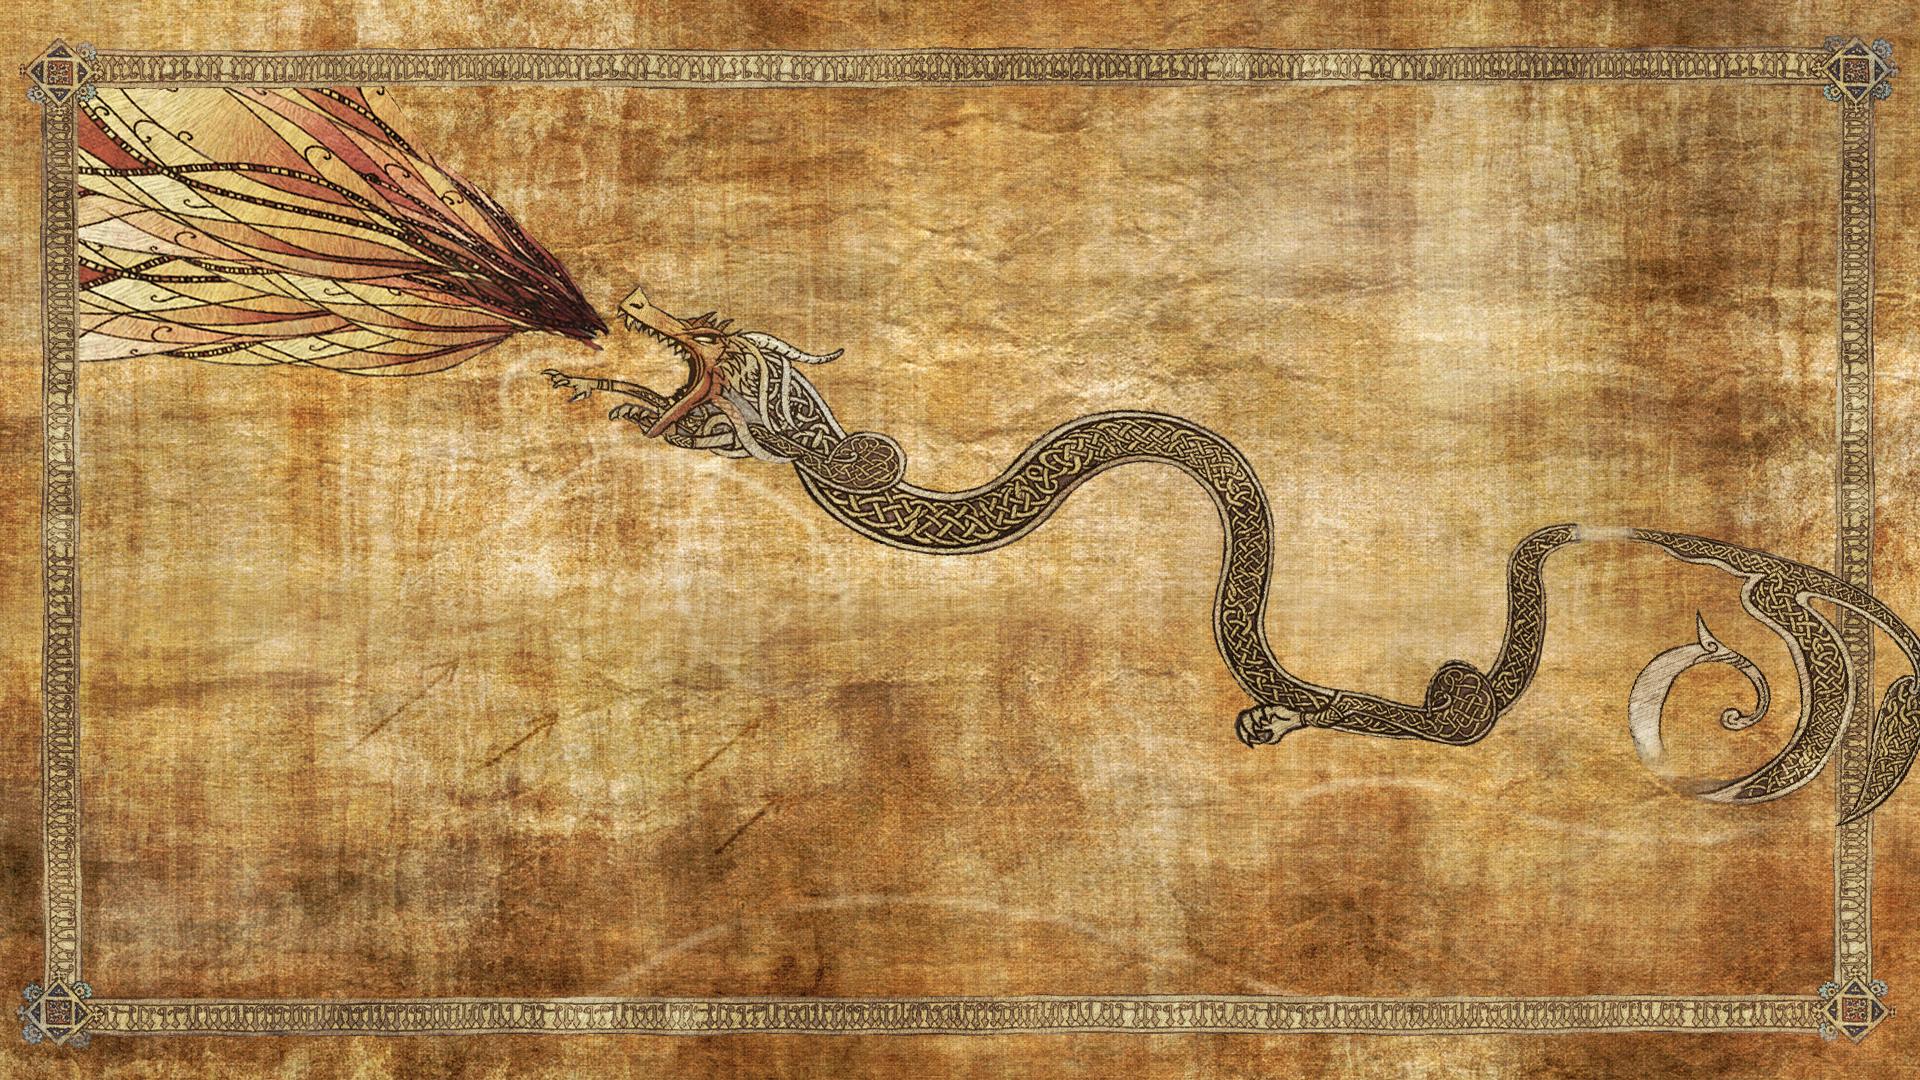 Dragon Lore Wallpaper Wallpapersafari